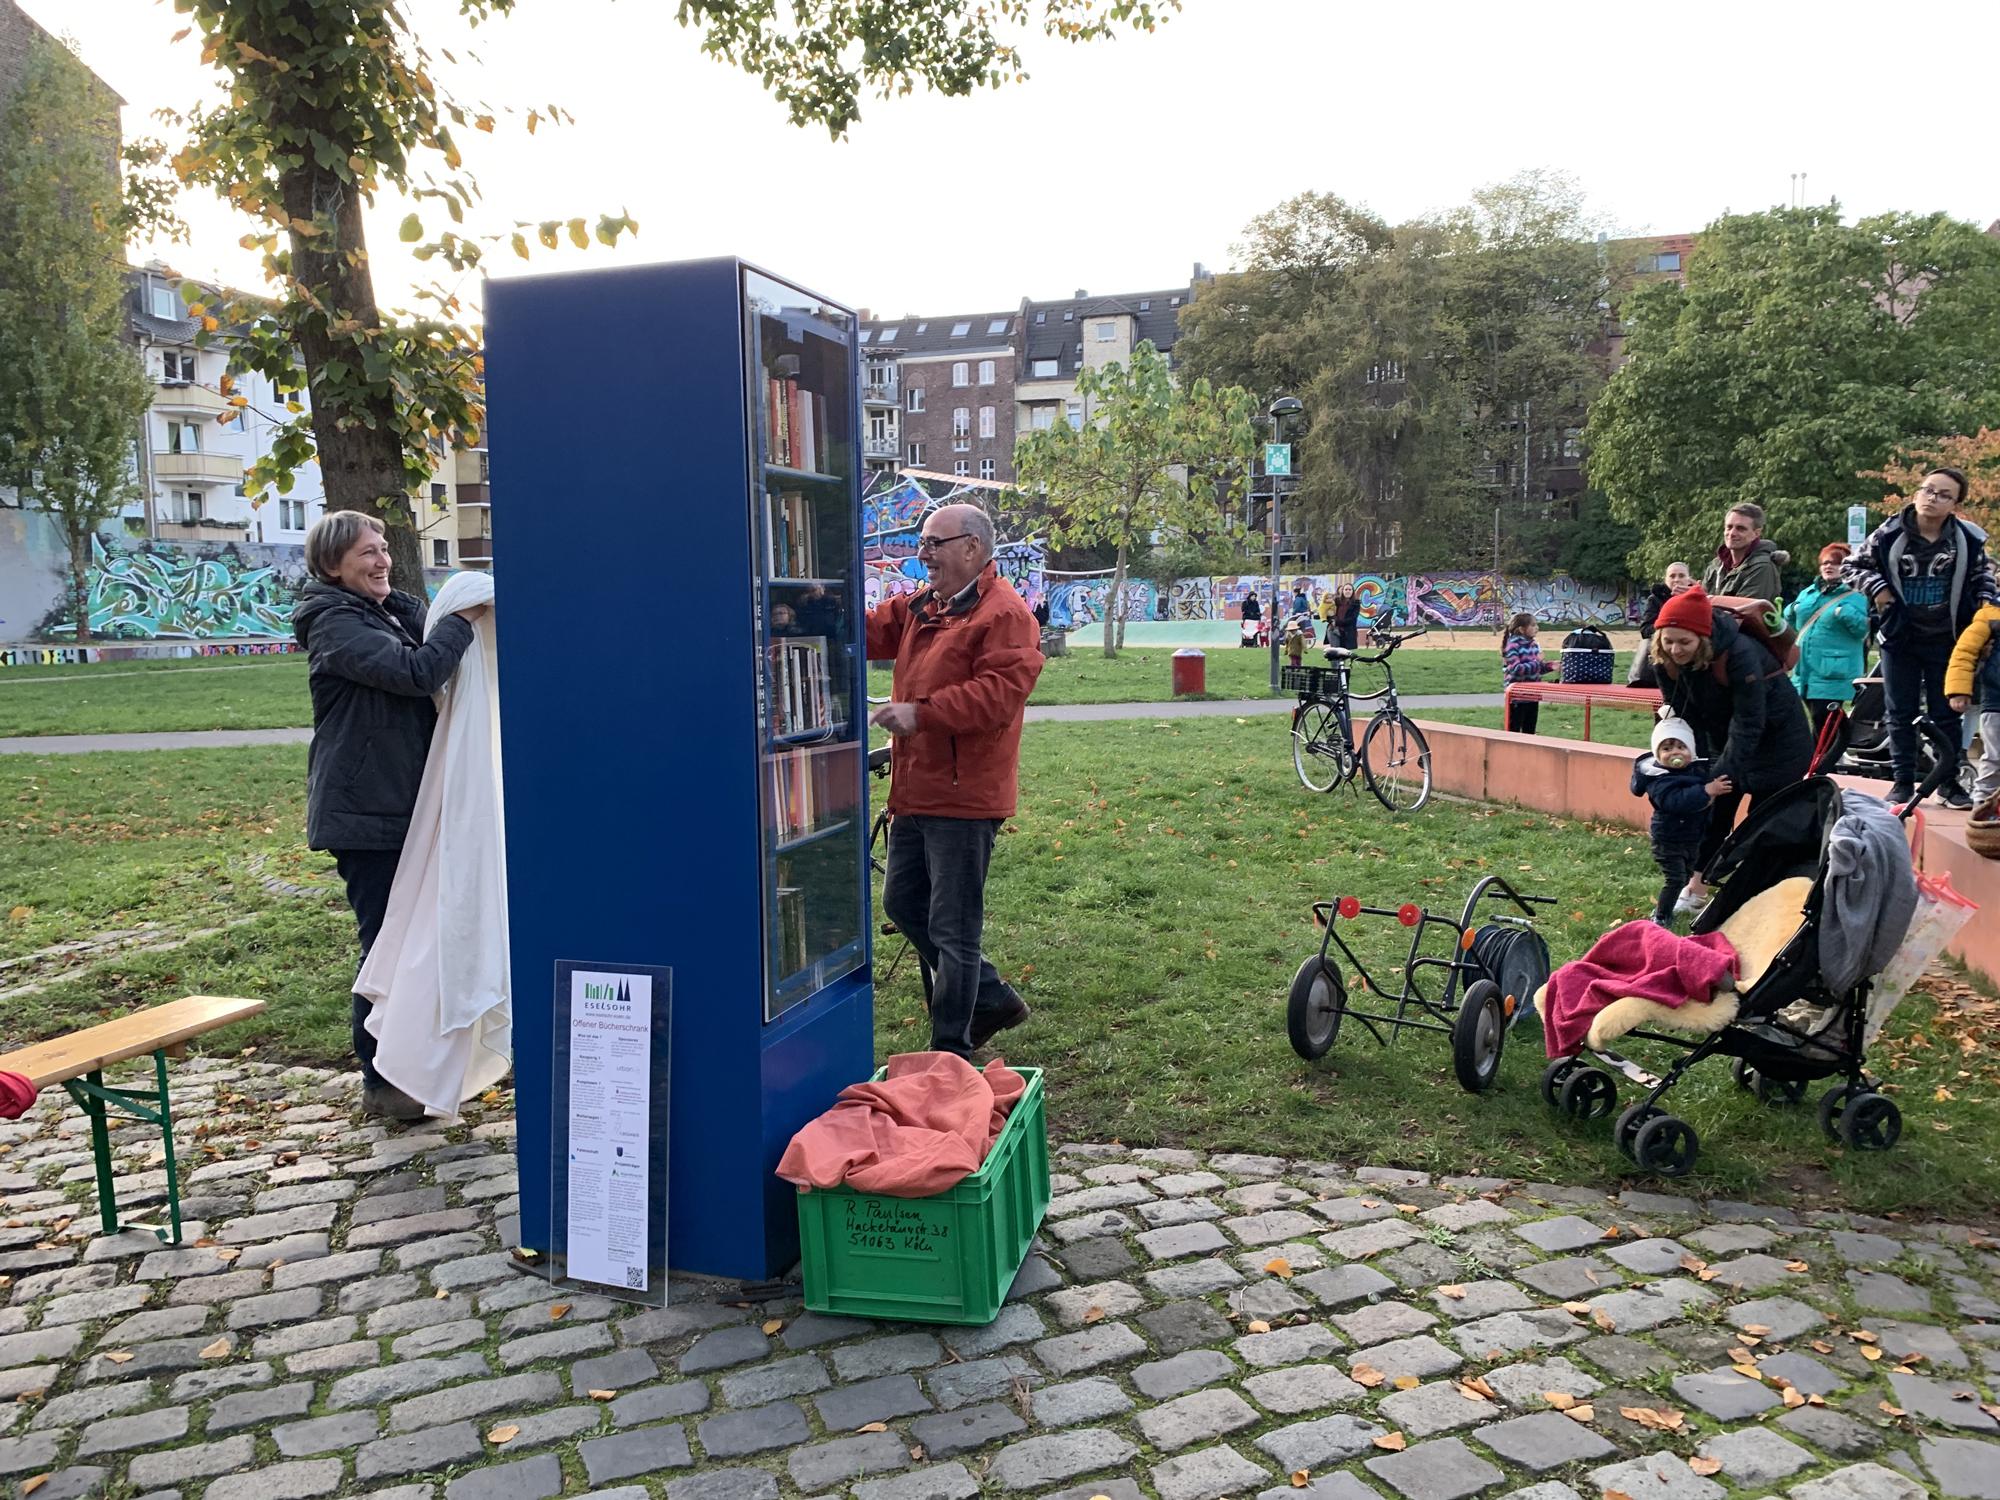 Abschluss des Kinderfestes bildete die Einweihung des Bücherschranks im Bürgerpark. Der nachbarschaft köln-mülheim-nord e. V. verteilte gut erhaltene Second-Hand Bücher an die Kinder.